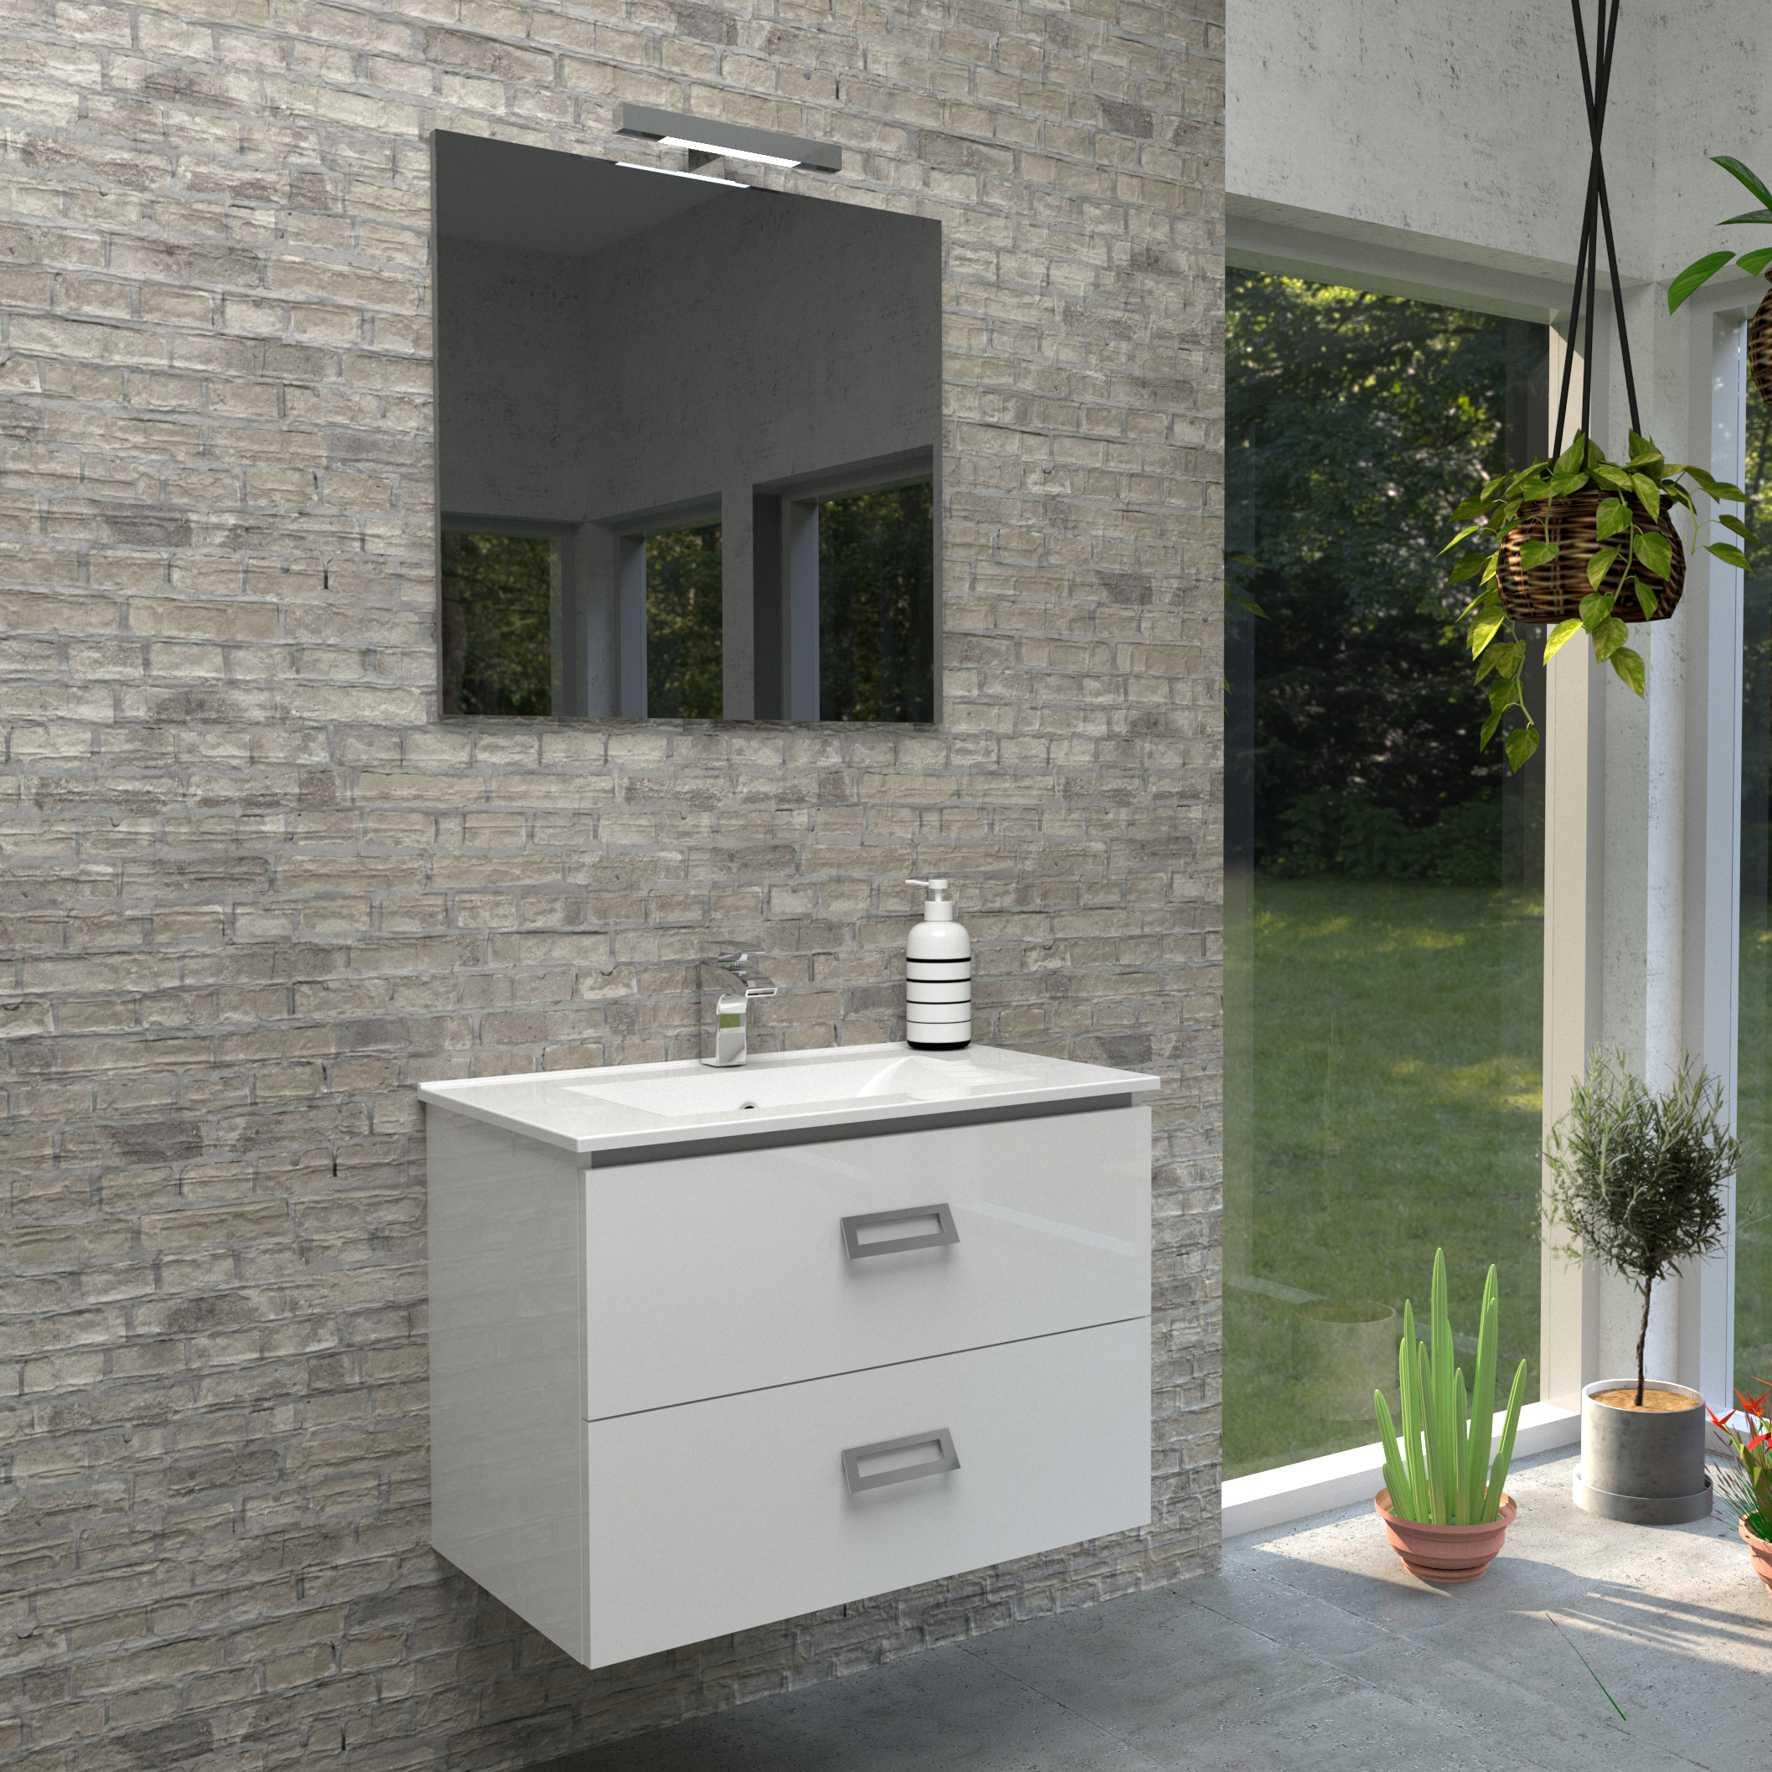 Mobile bagno sospeso QUADRO 75x46 cm bianco lucido con lavabo in ceramica